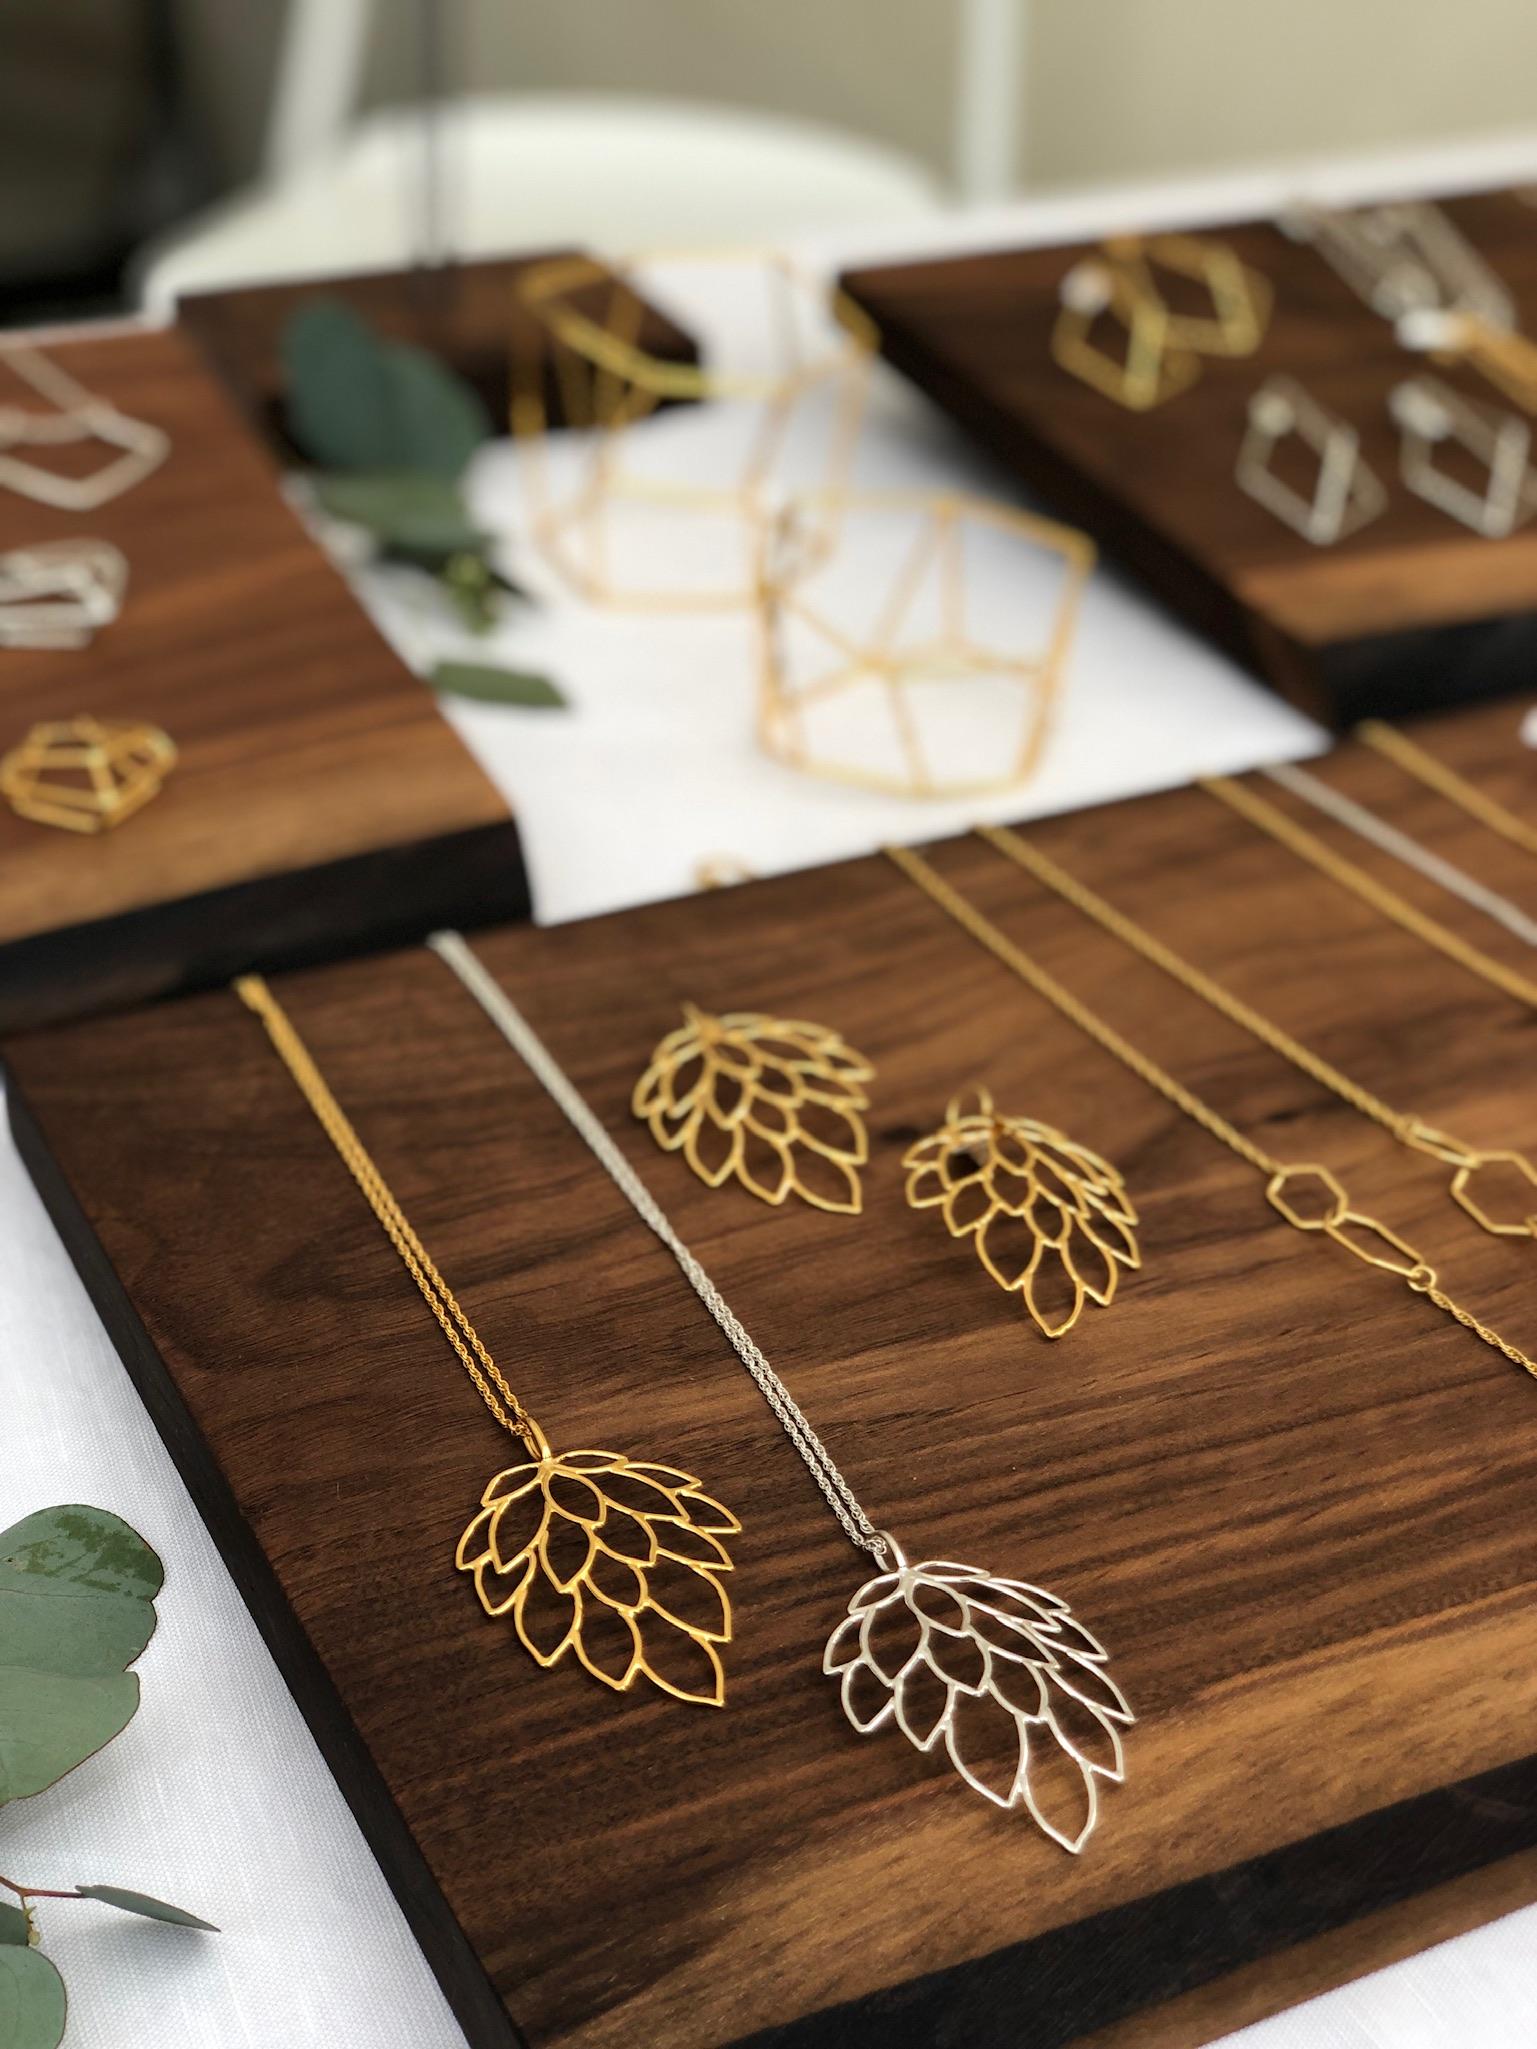 hahnjewelry-product 2.JPG